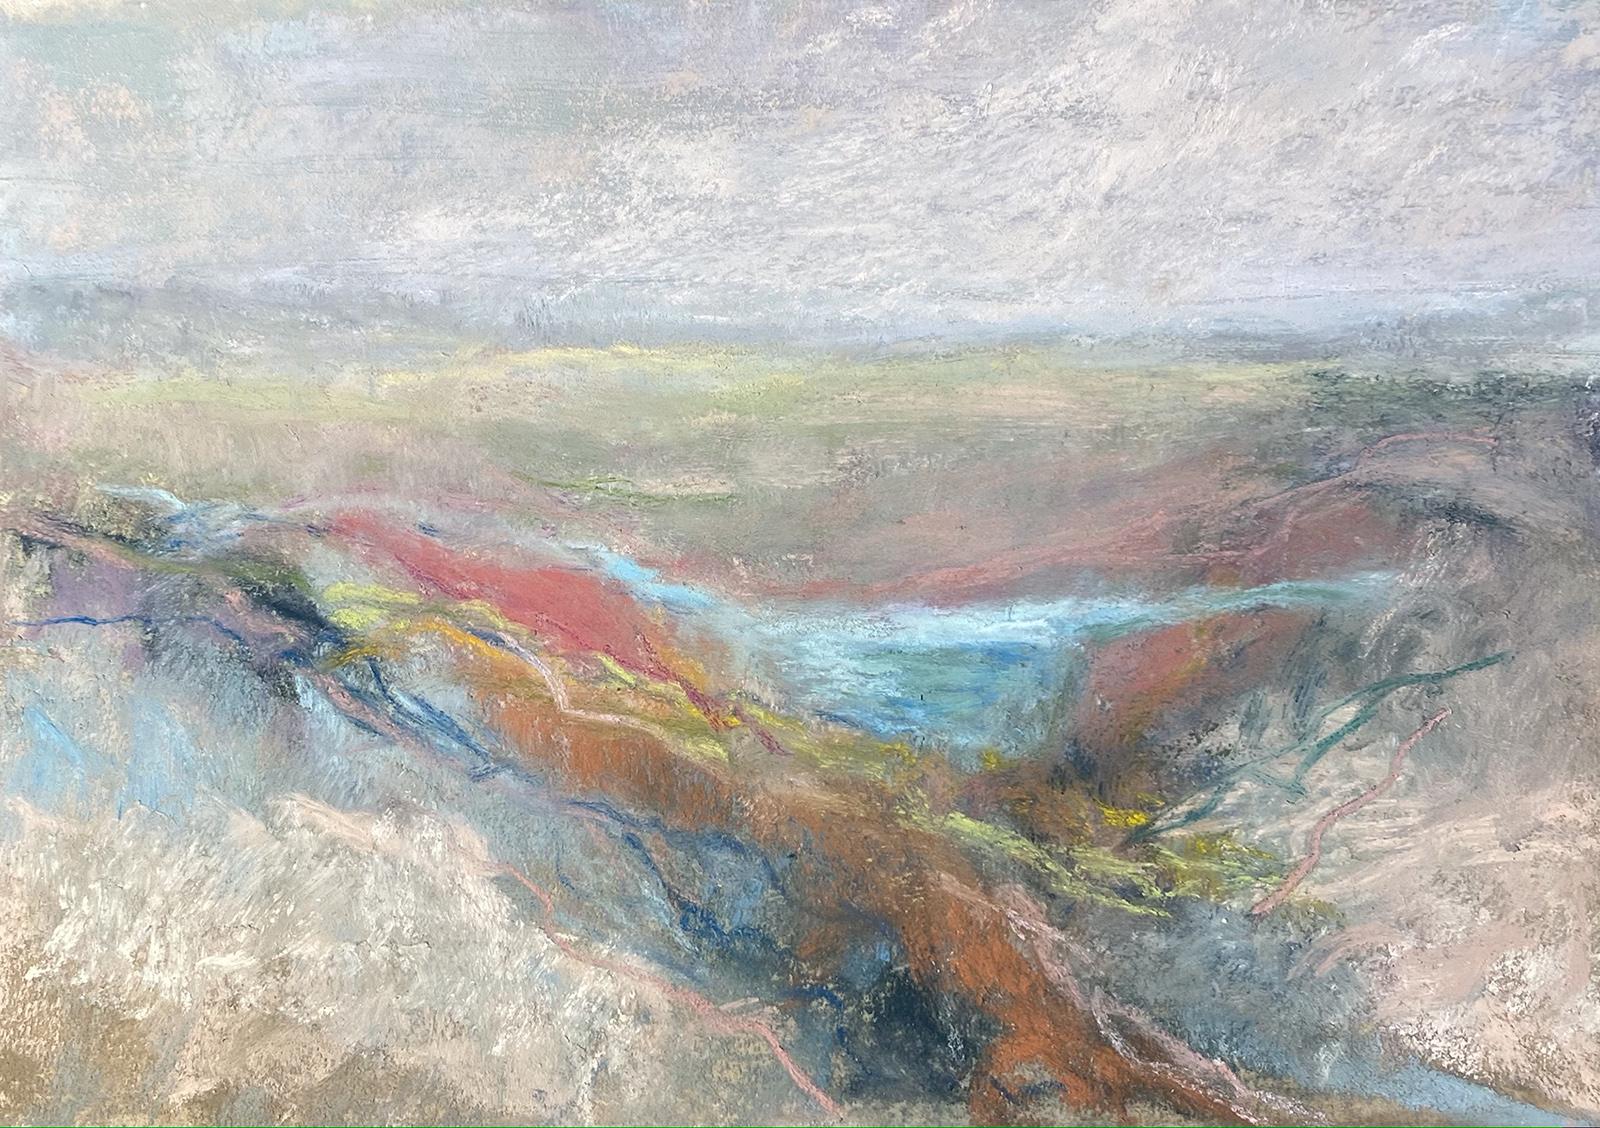 Approaching Autumn by Jo-Anne Finegan